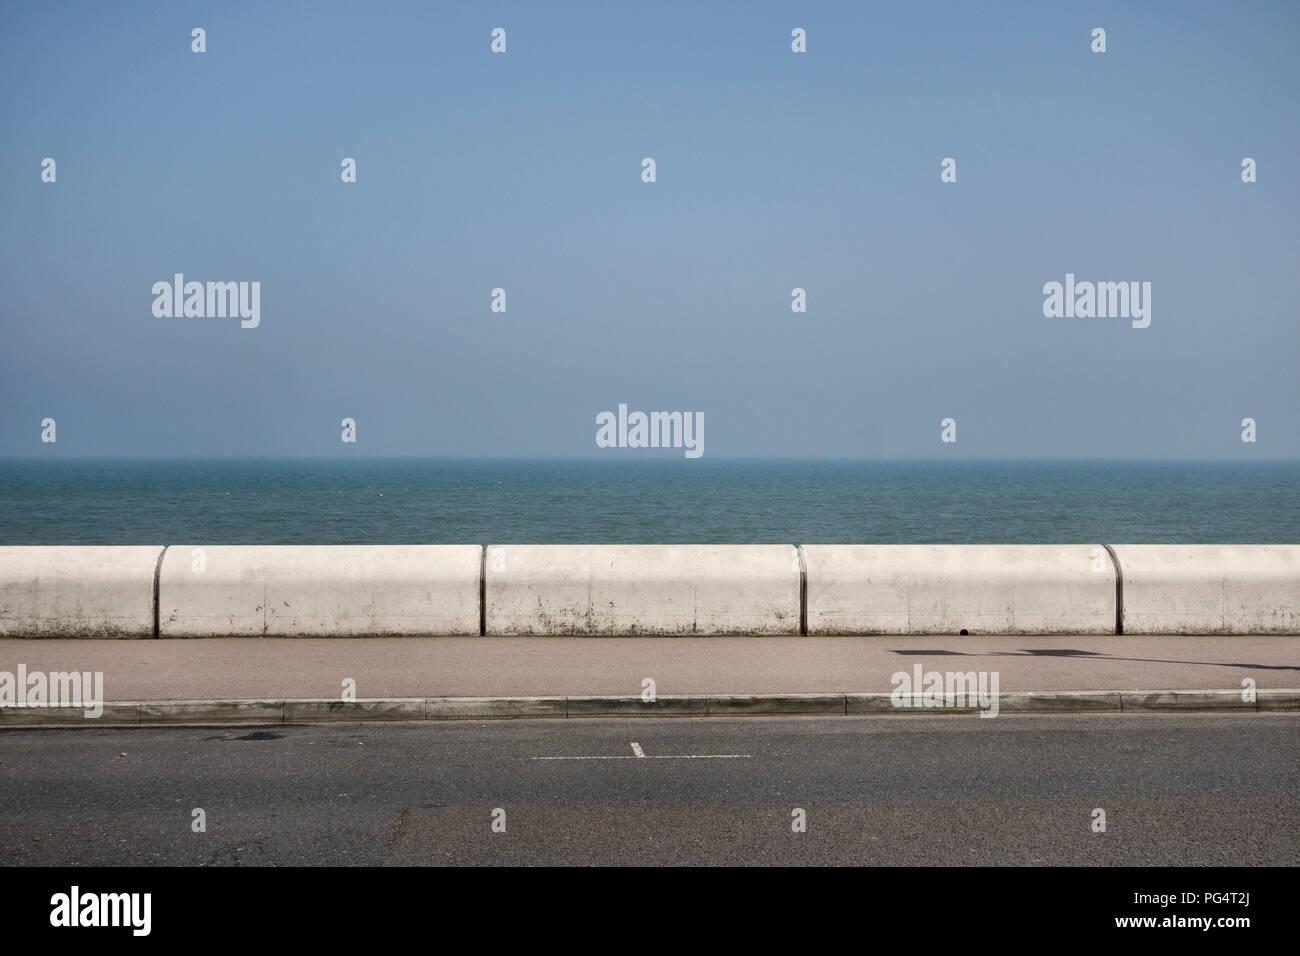 El paseo marítimo en frente, Kent, UK Imagen De Stock